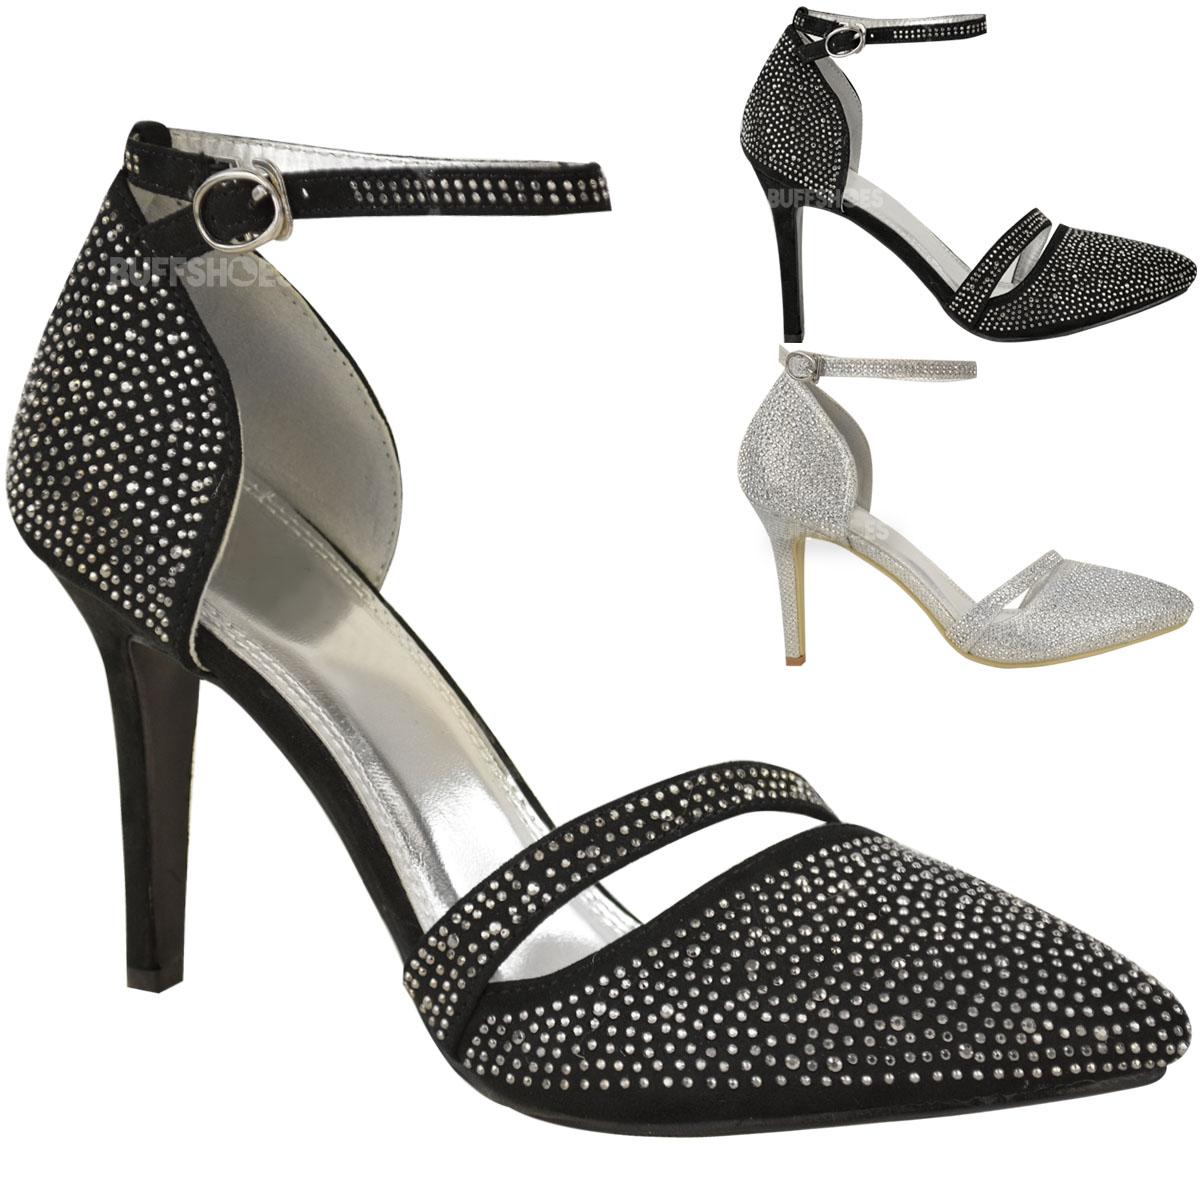 womens bridal wedding shoes prom diamante